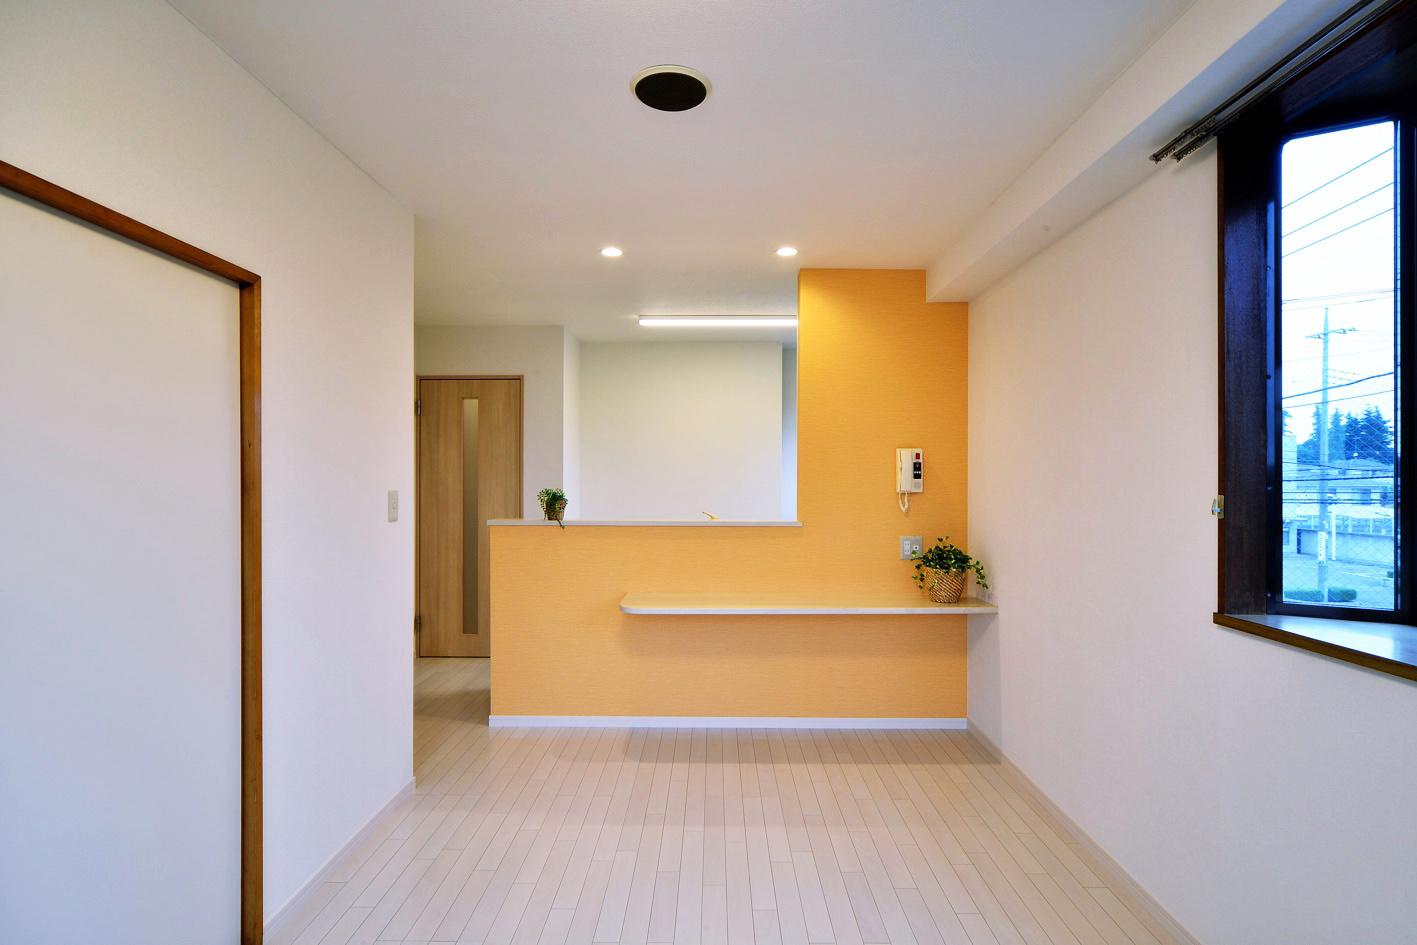 築25年のマンションを今のニーズに合わせてリフォーム(上三川町)